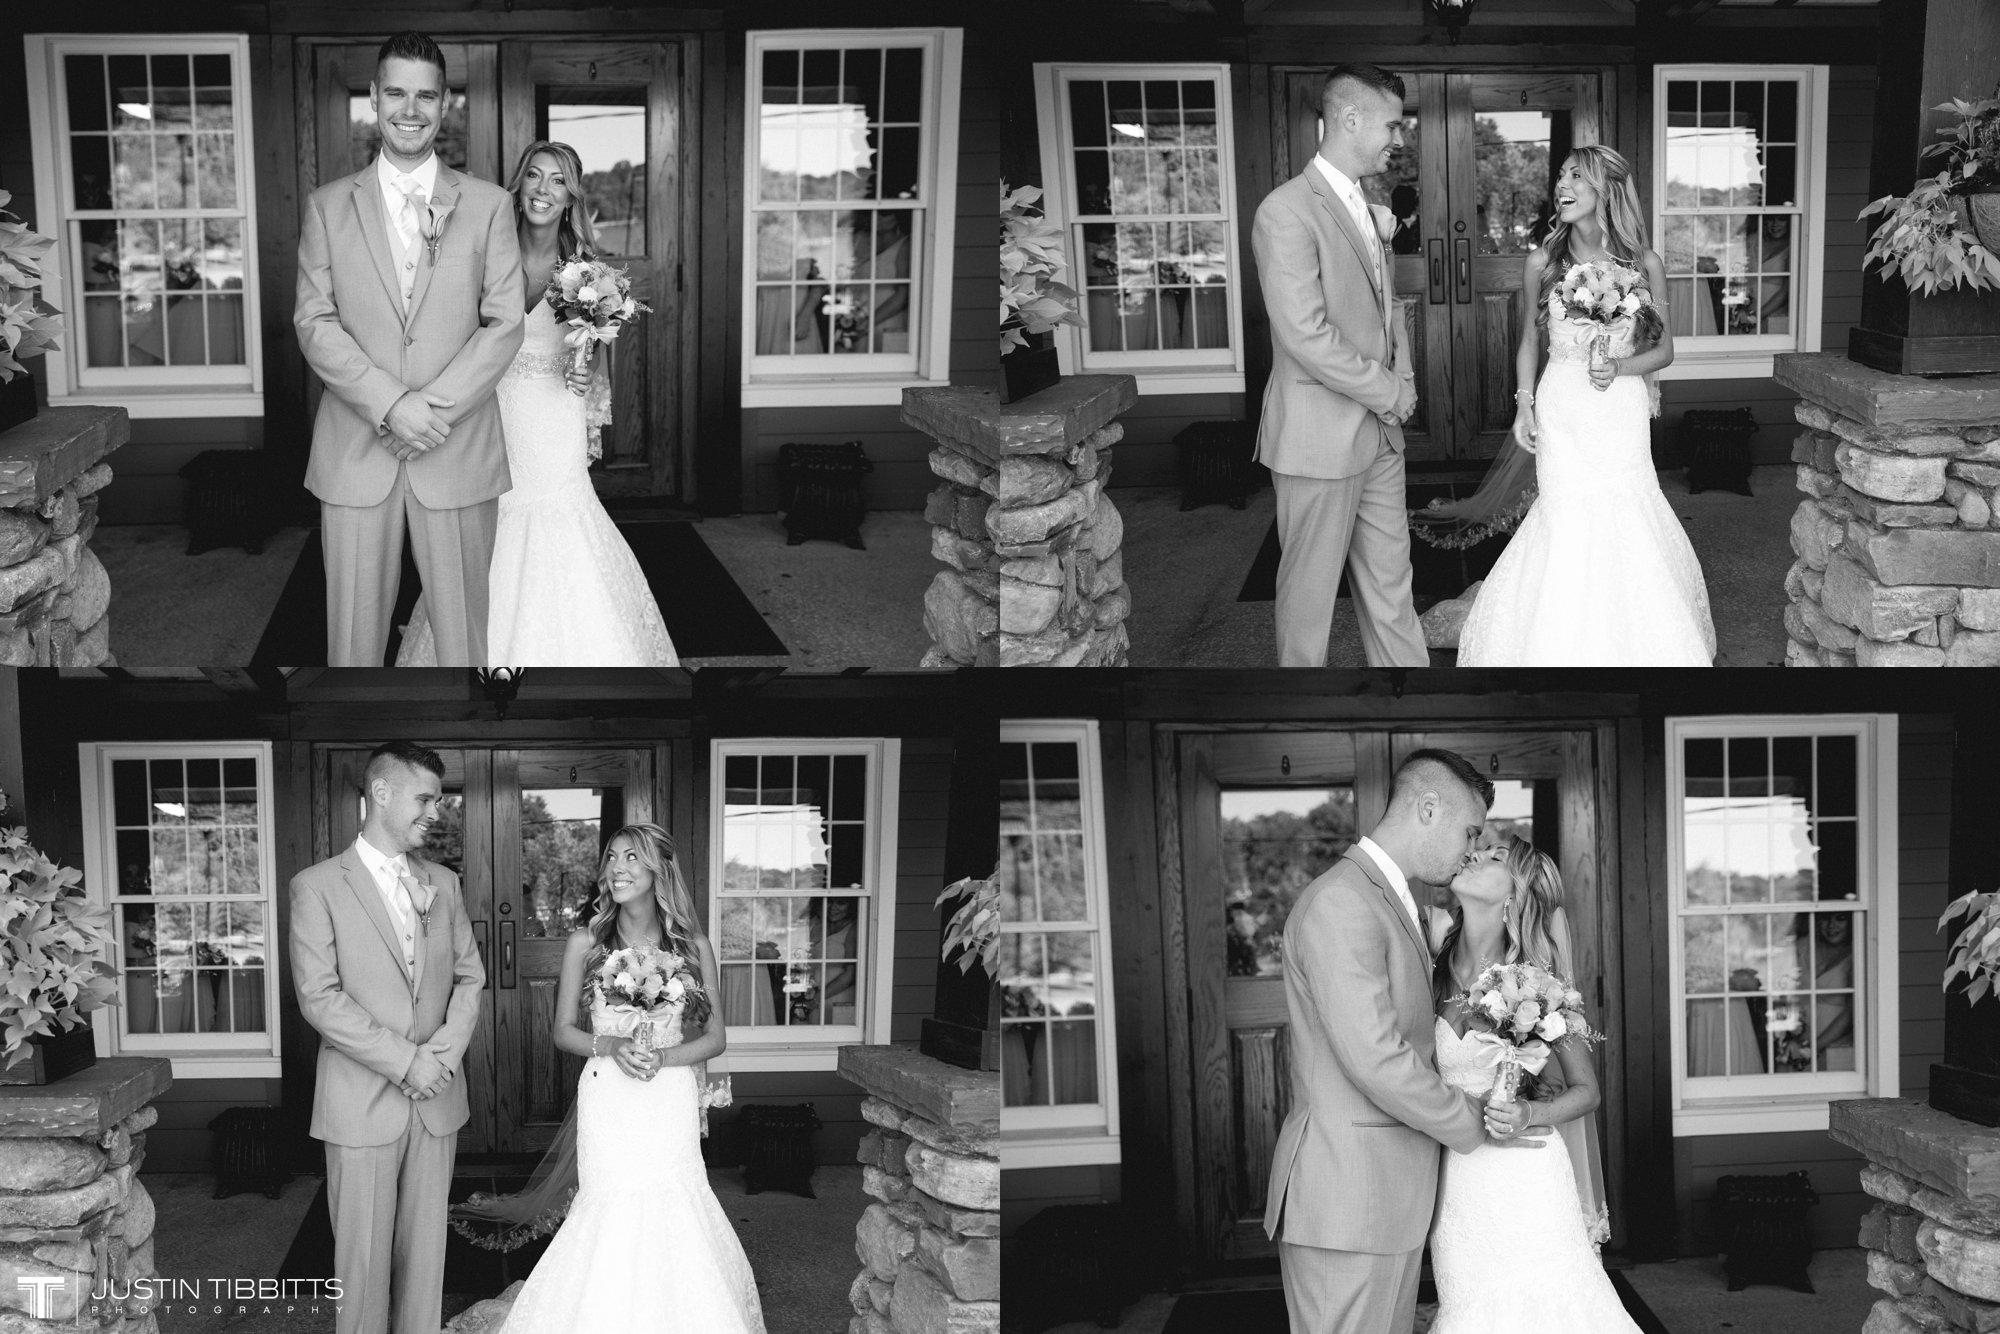 Albany NY Wedding Photographer Justin Tibbitts Photography 2014 Best of Albany NY Weddings-8518